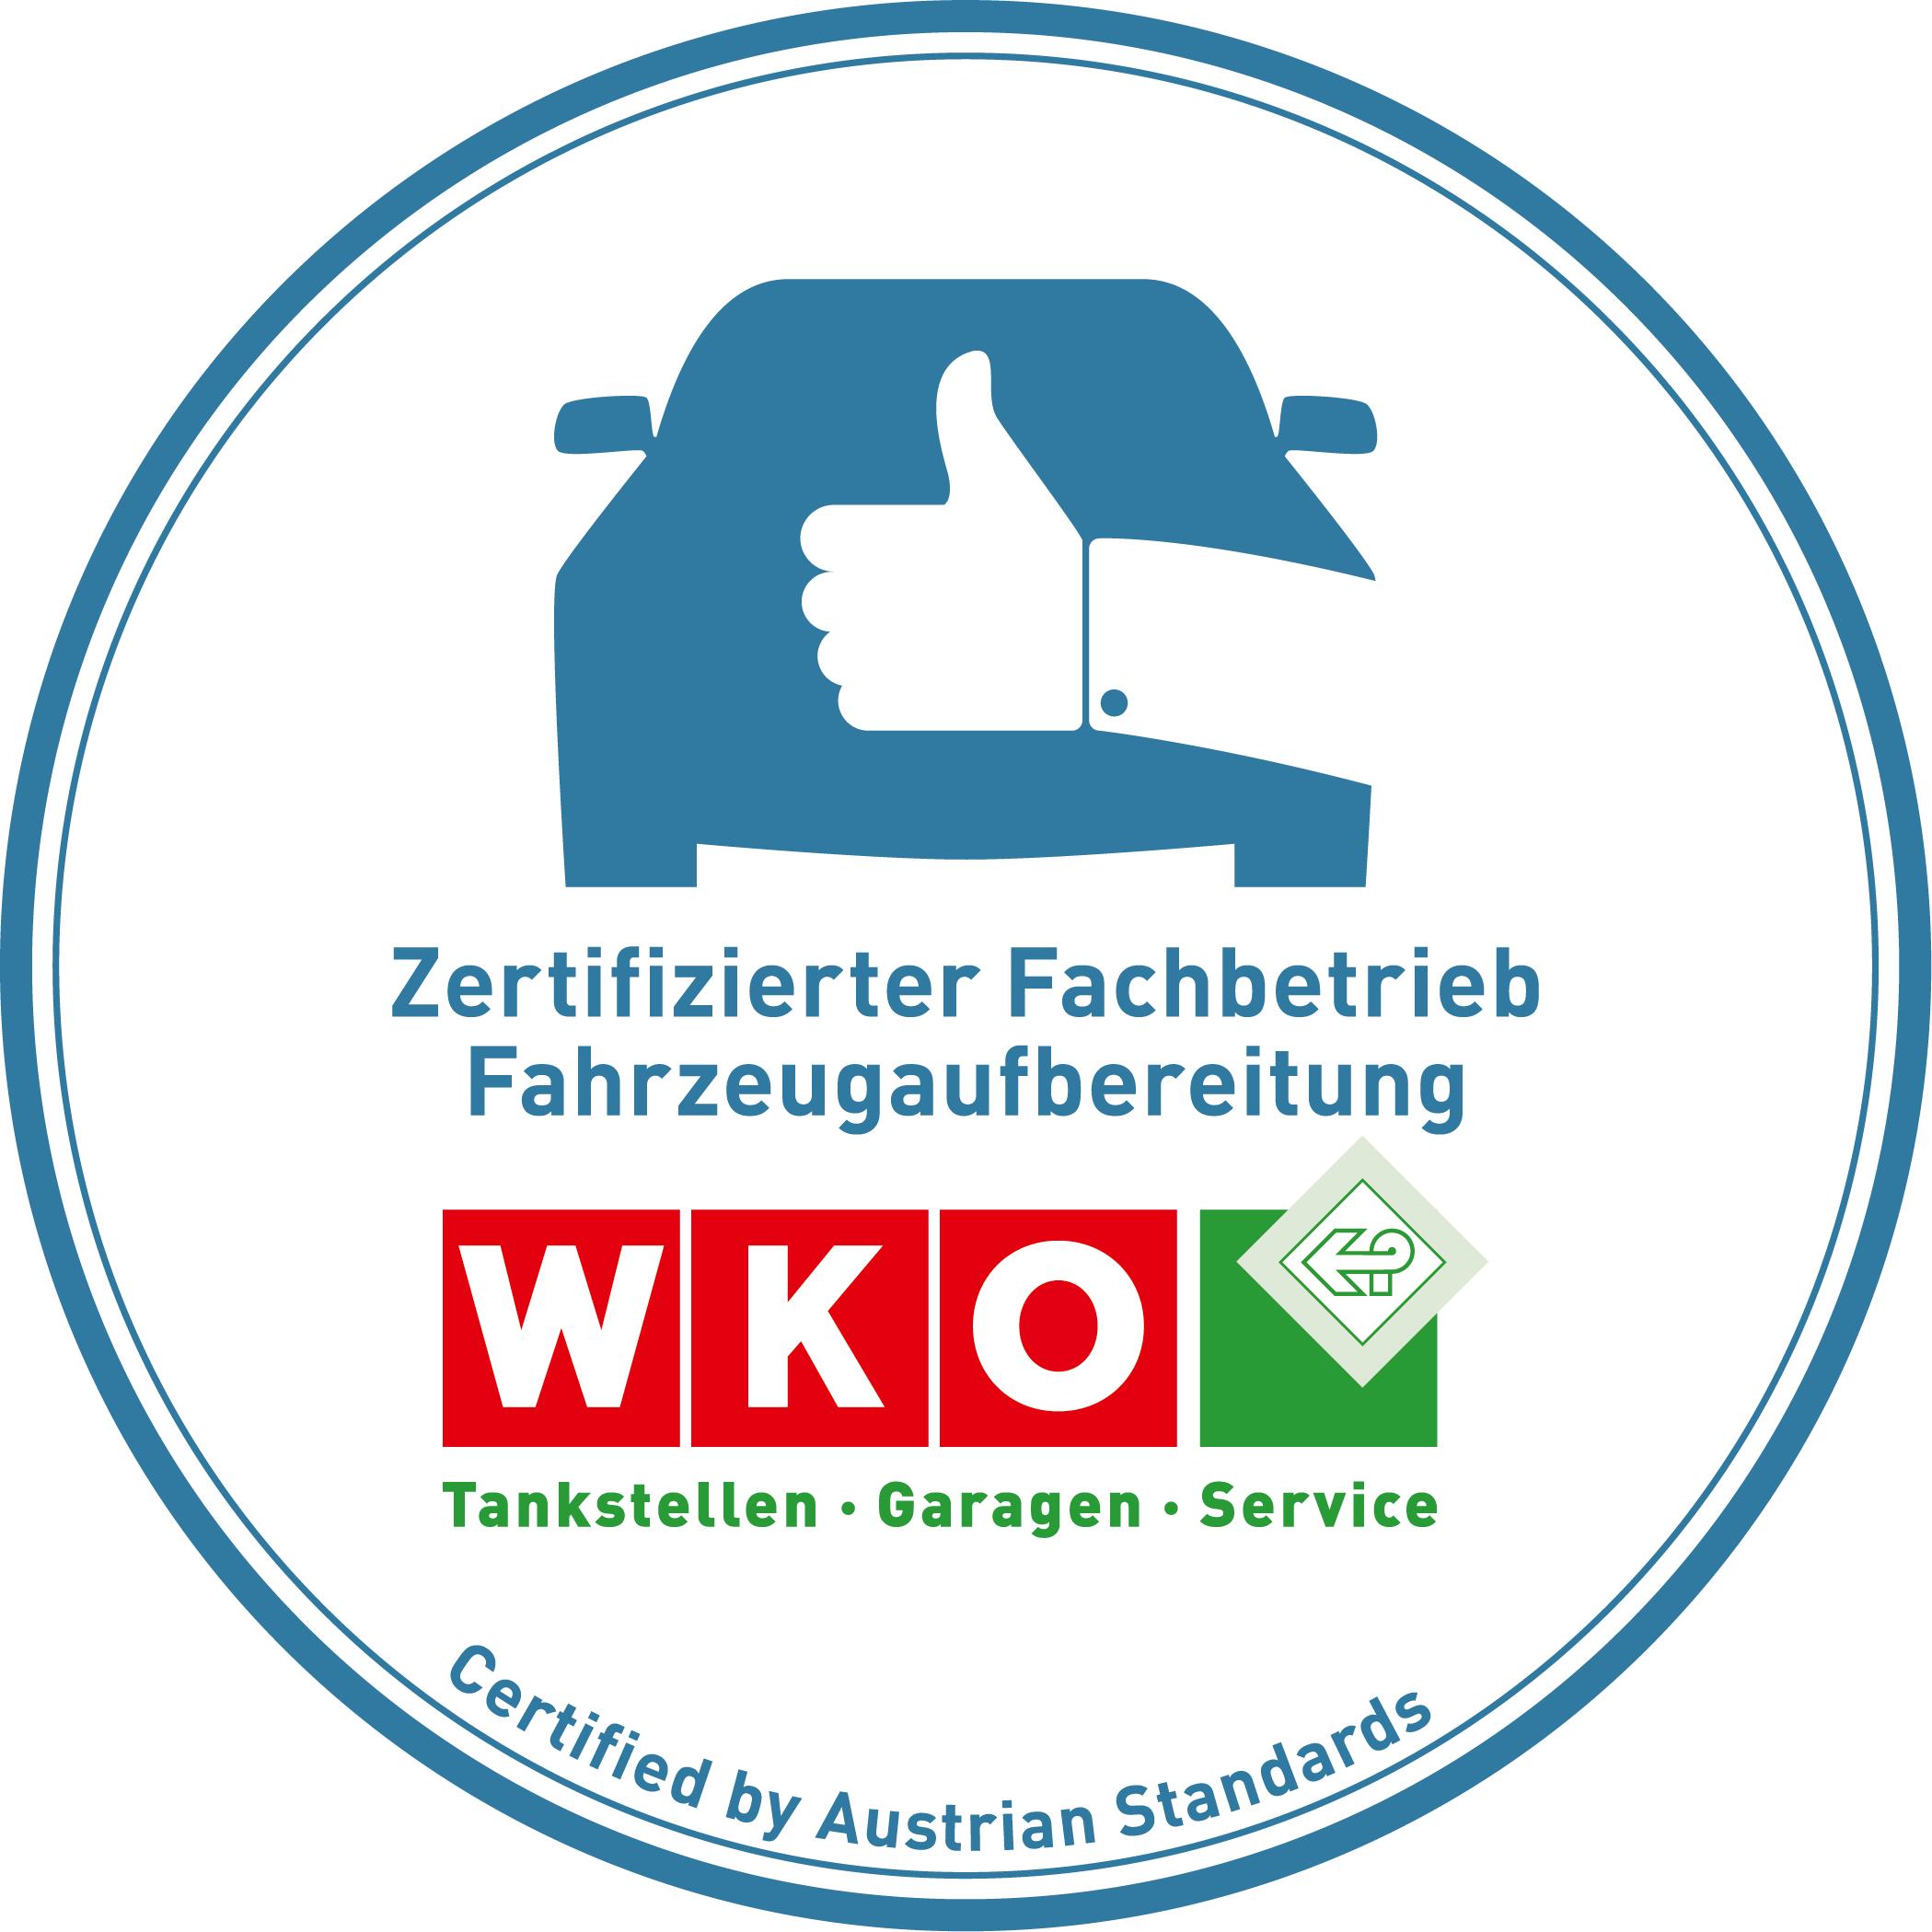 Erster Wiener zertifizierter Fachbetrieb für Fahrzeugaufbereitung.